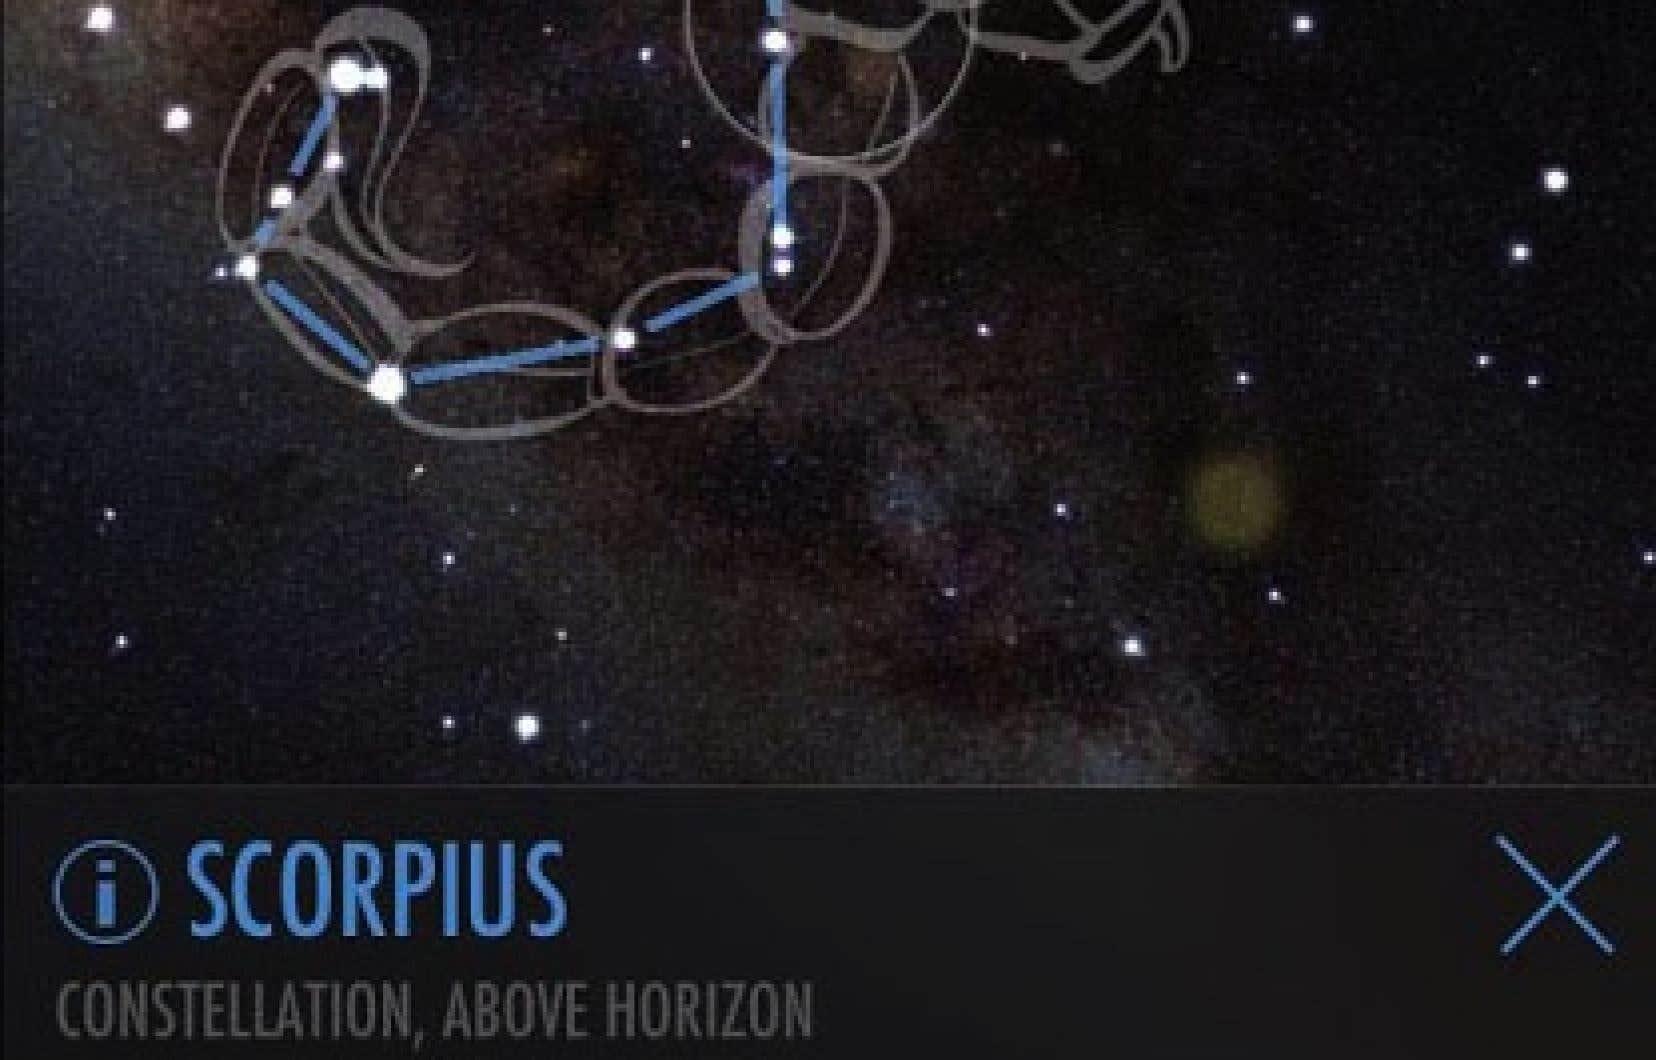 SkyView Lite permet d'identifier à l'aide de son appareil photo les diverses constellations et planètes visibles au-dessus de nous.